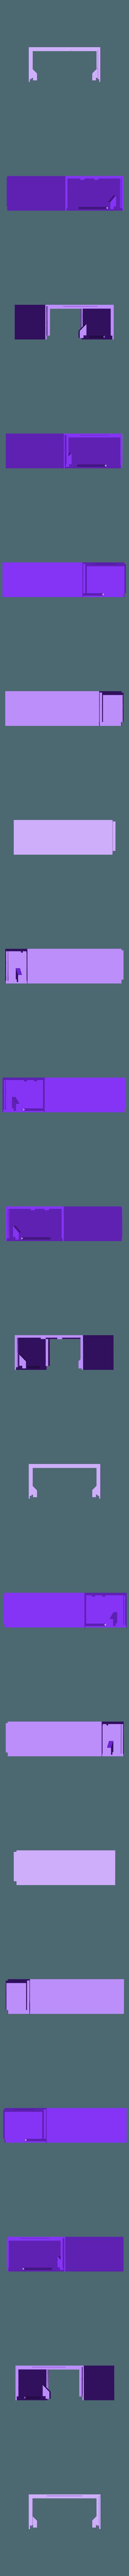 Main_Top_FINAL.stl Télécharger fichier STL gratuit Affaire Riden RD6006 sur l'alimentation électrique • Objet imprimable en 3D, christinewhybrow